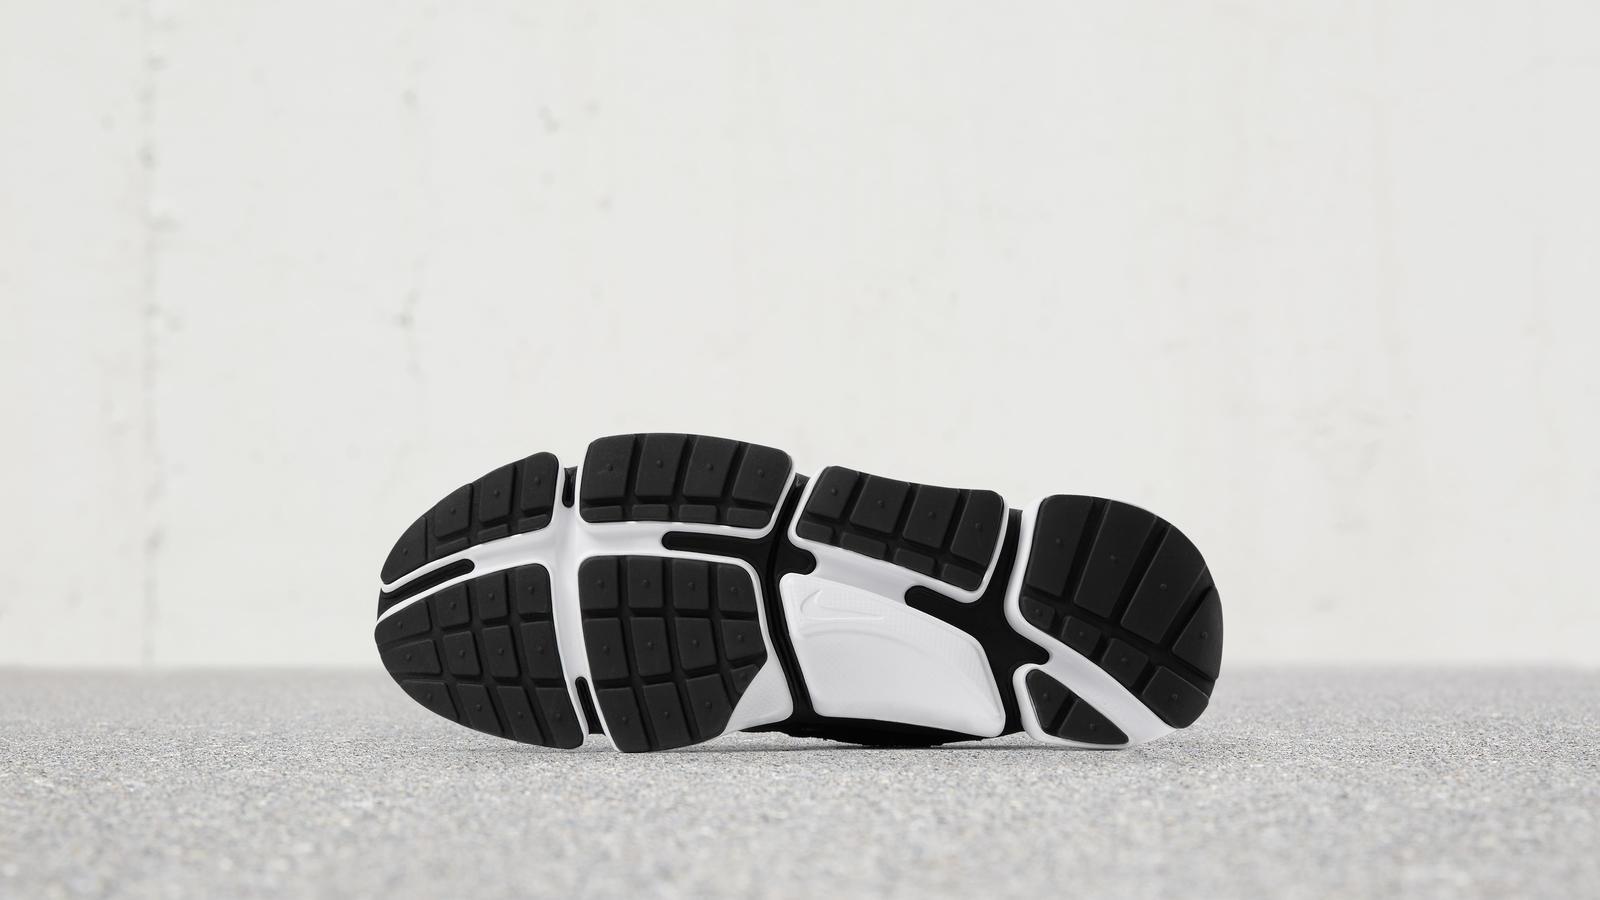 170512 footwear pocketknife blk wht 0085 hd 1600